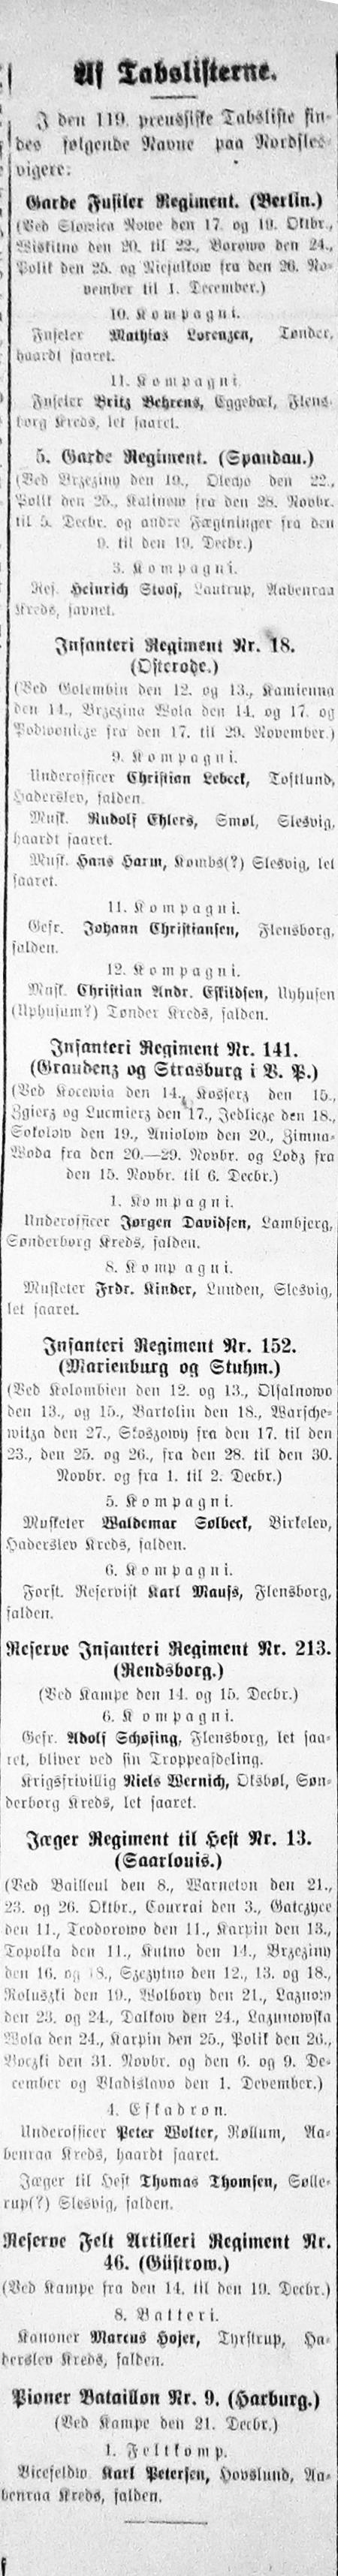 1915-01-08_tabsliste